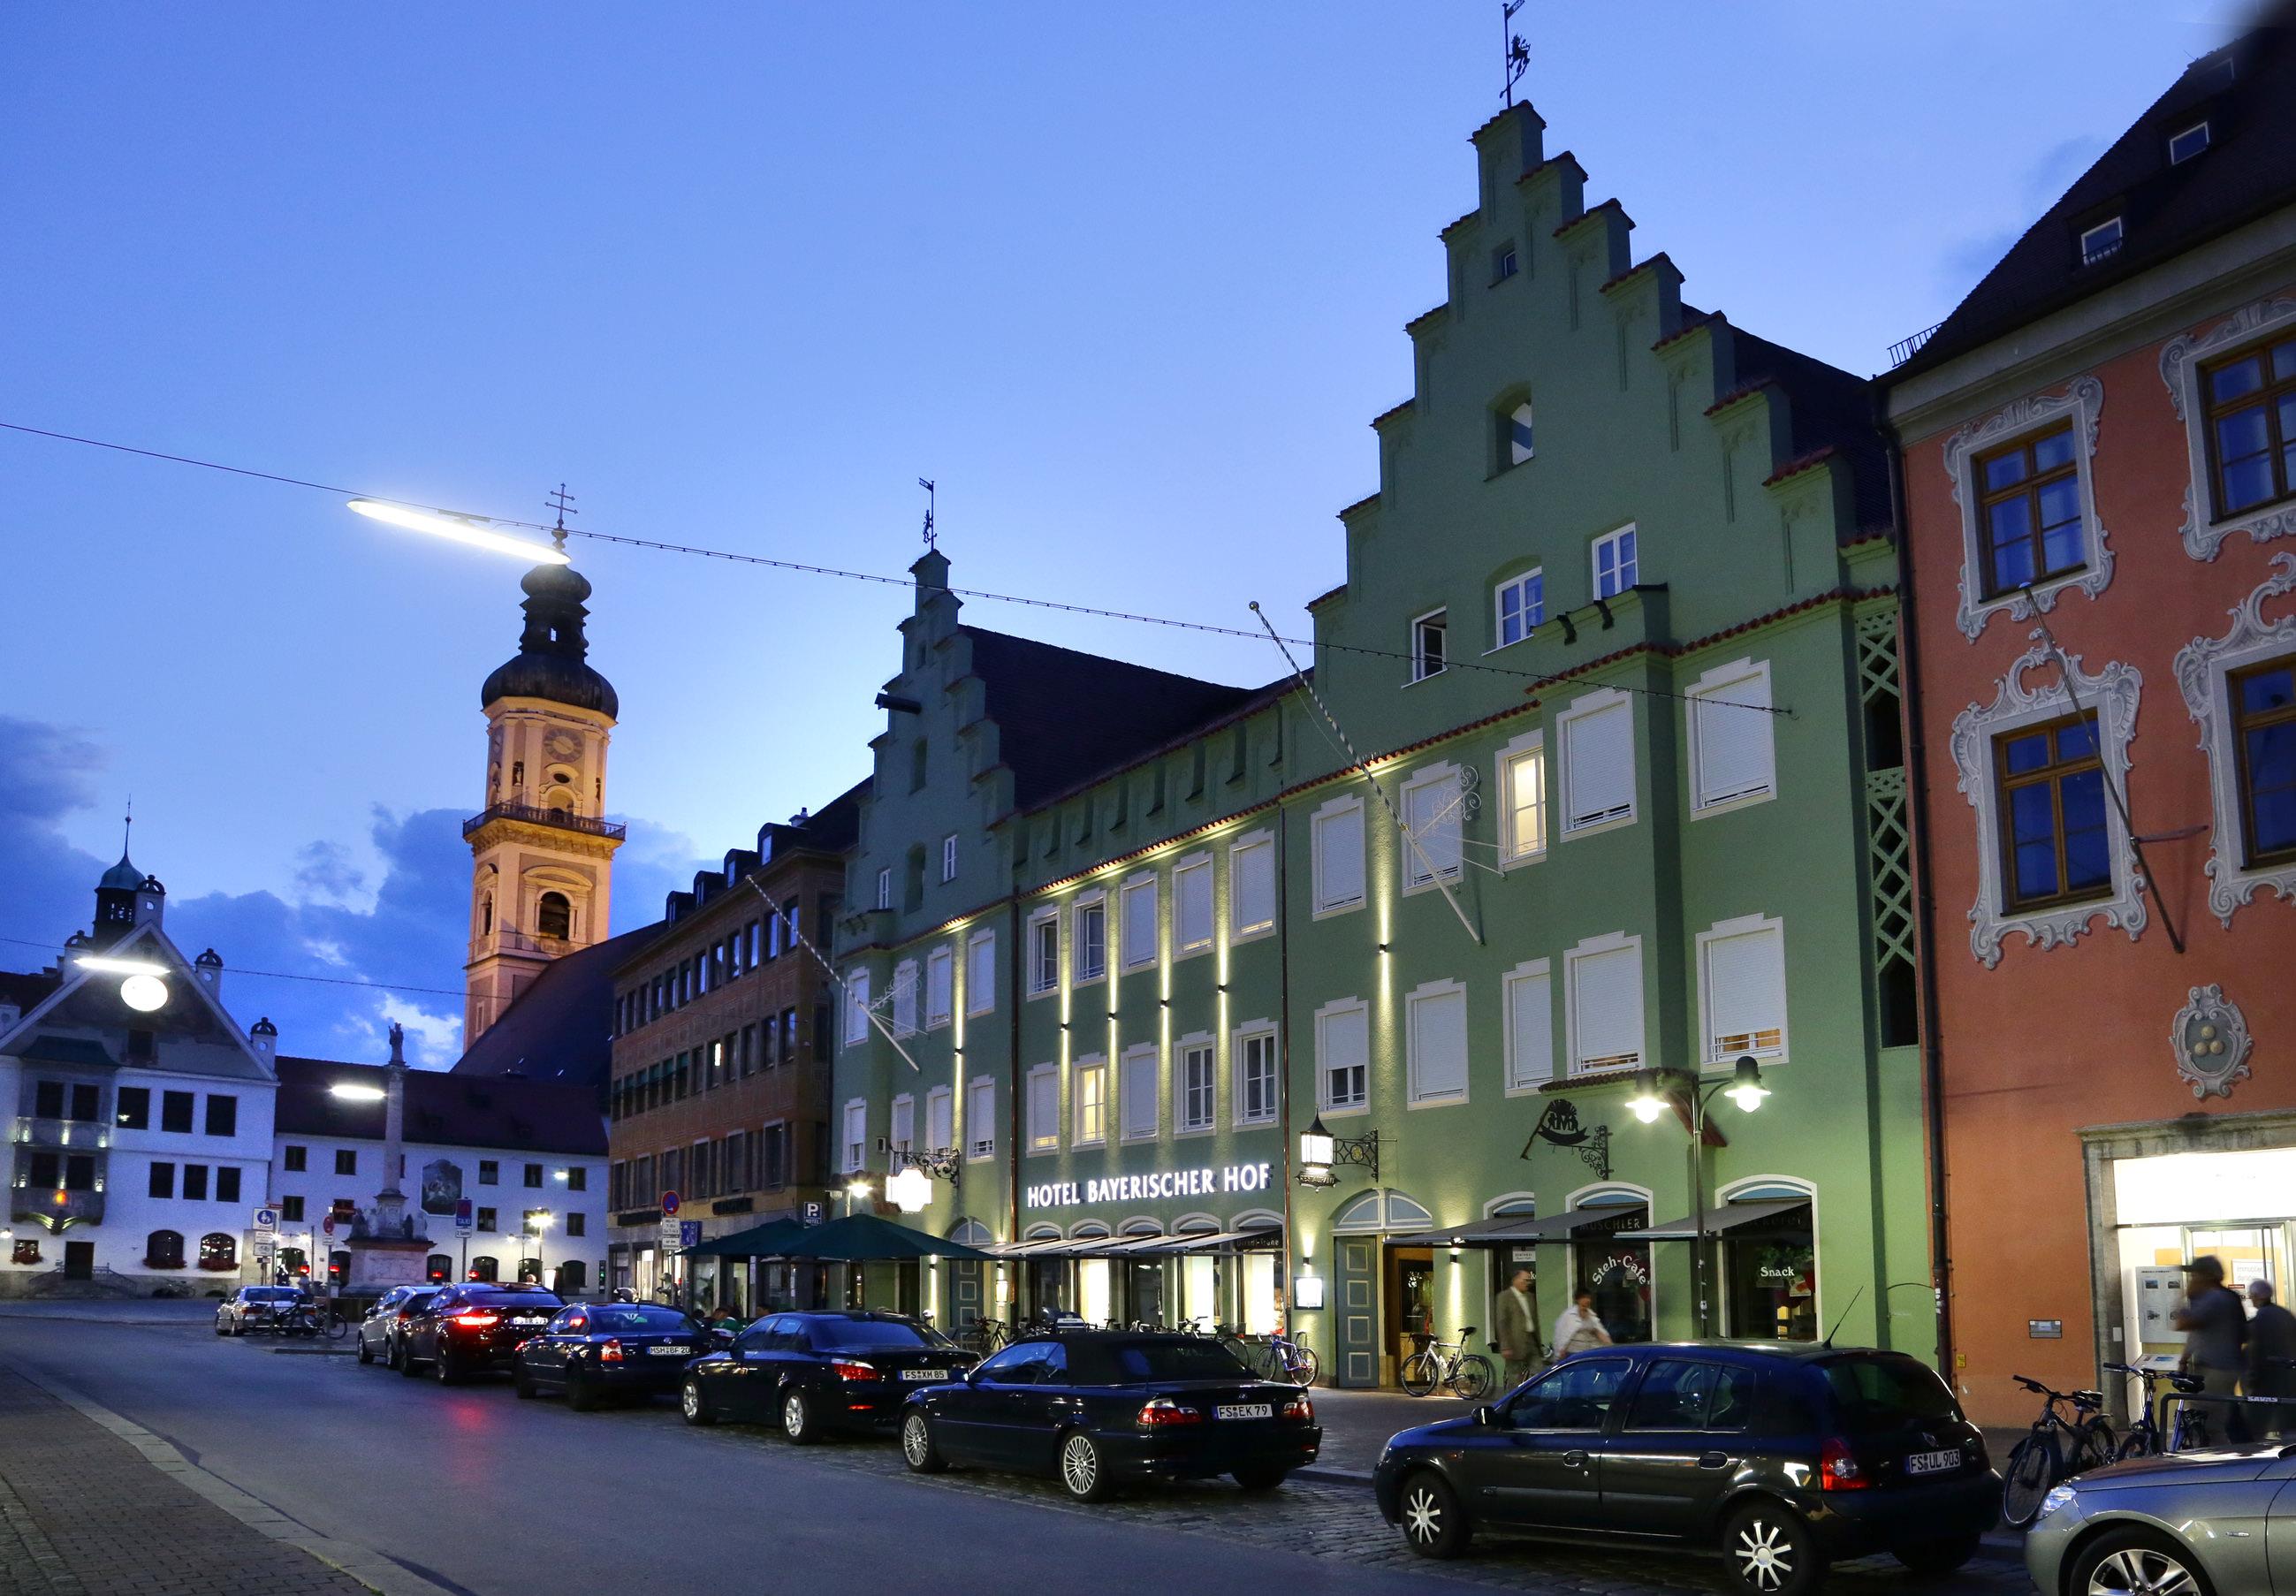 Winnewieser-Hof Hotel - room photo 16010606